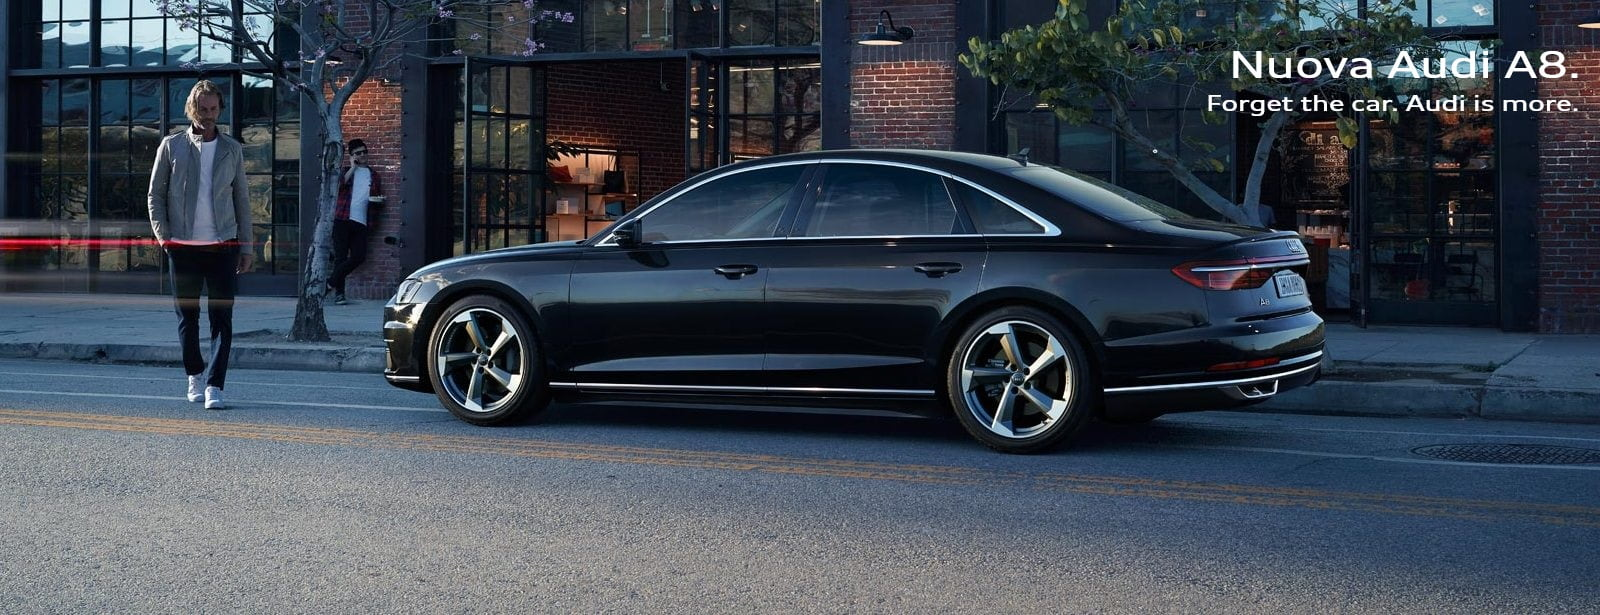 Nuova Audi A8.